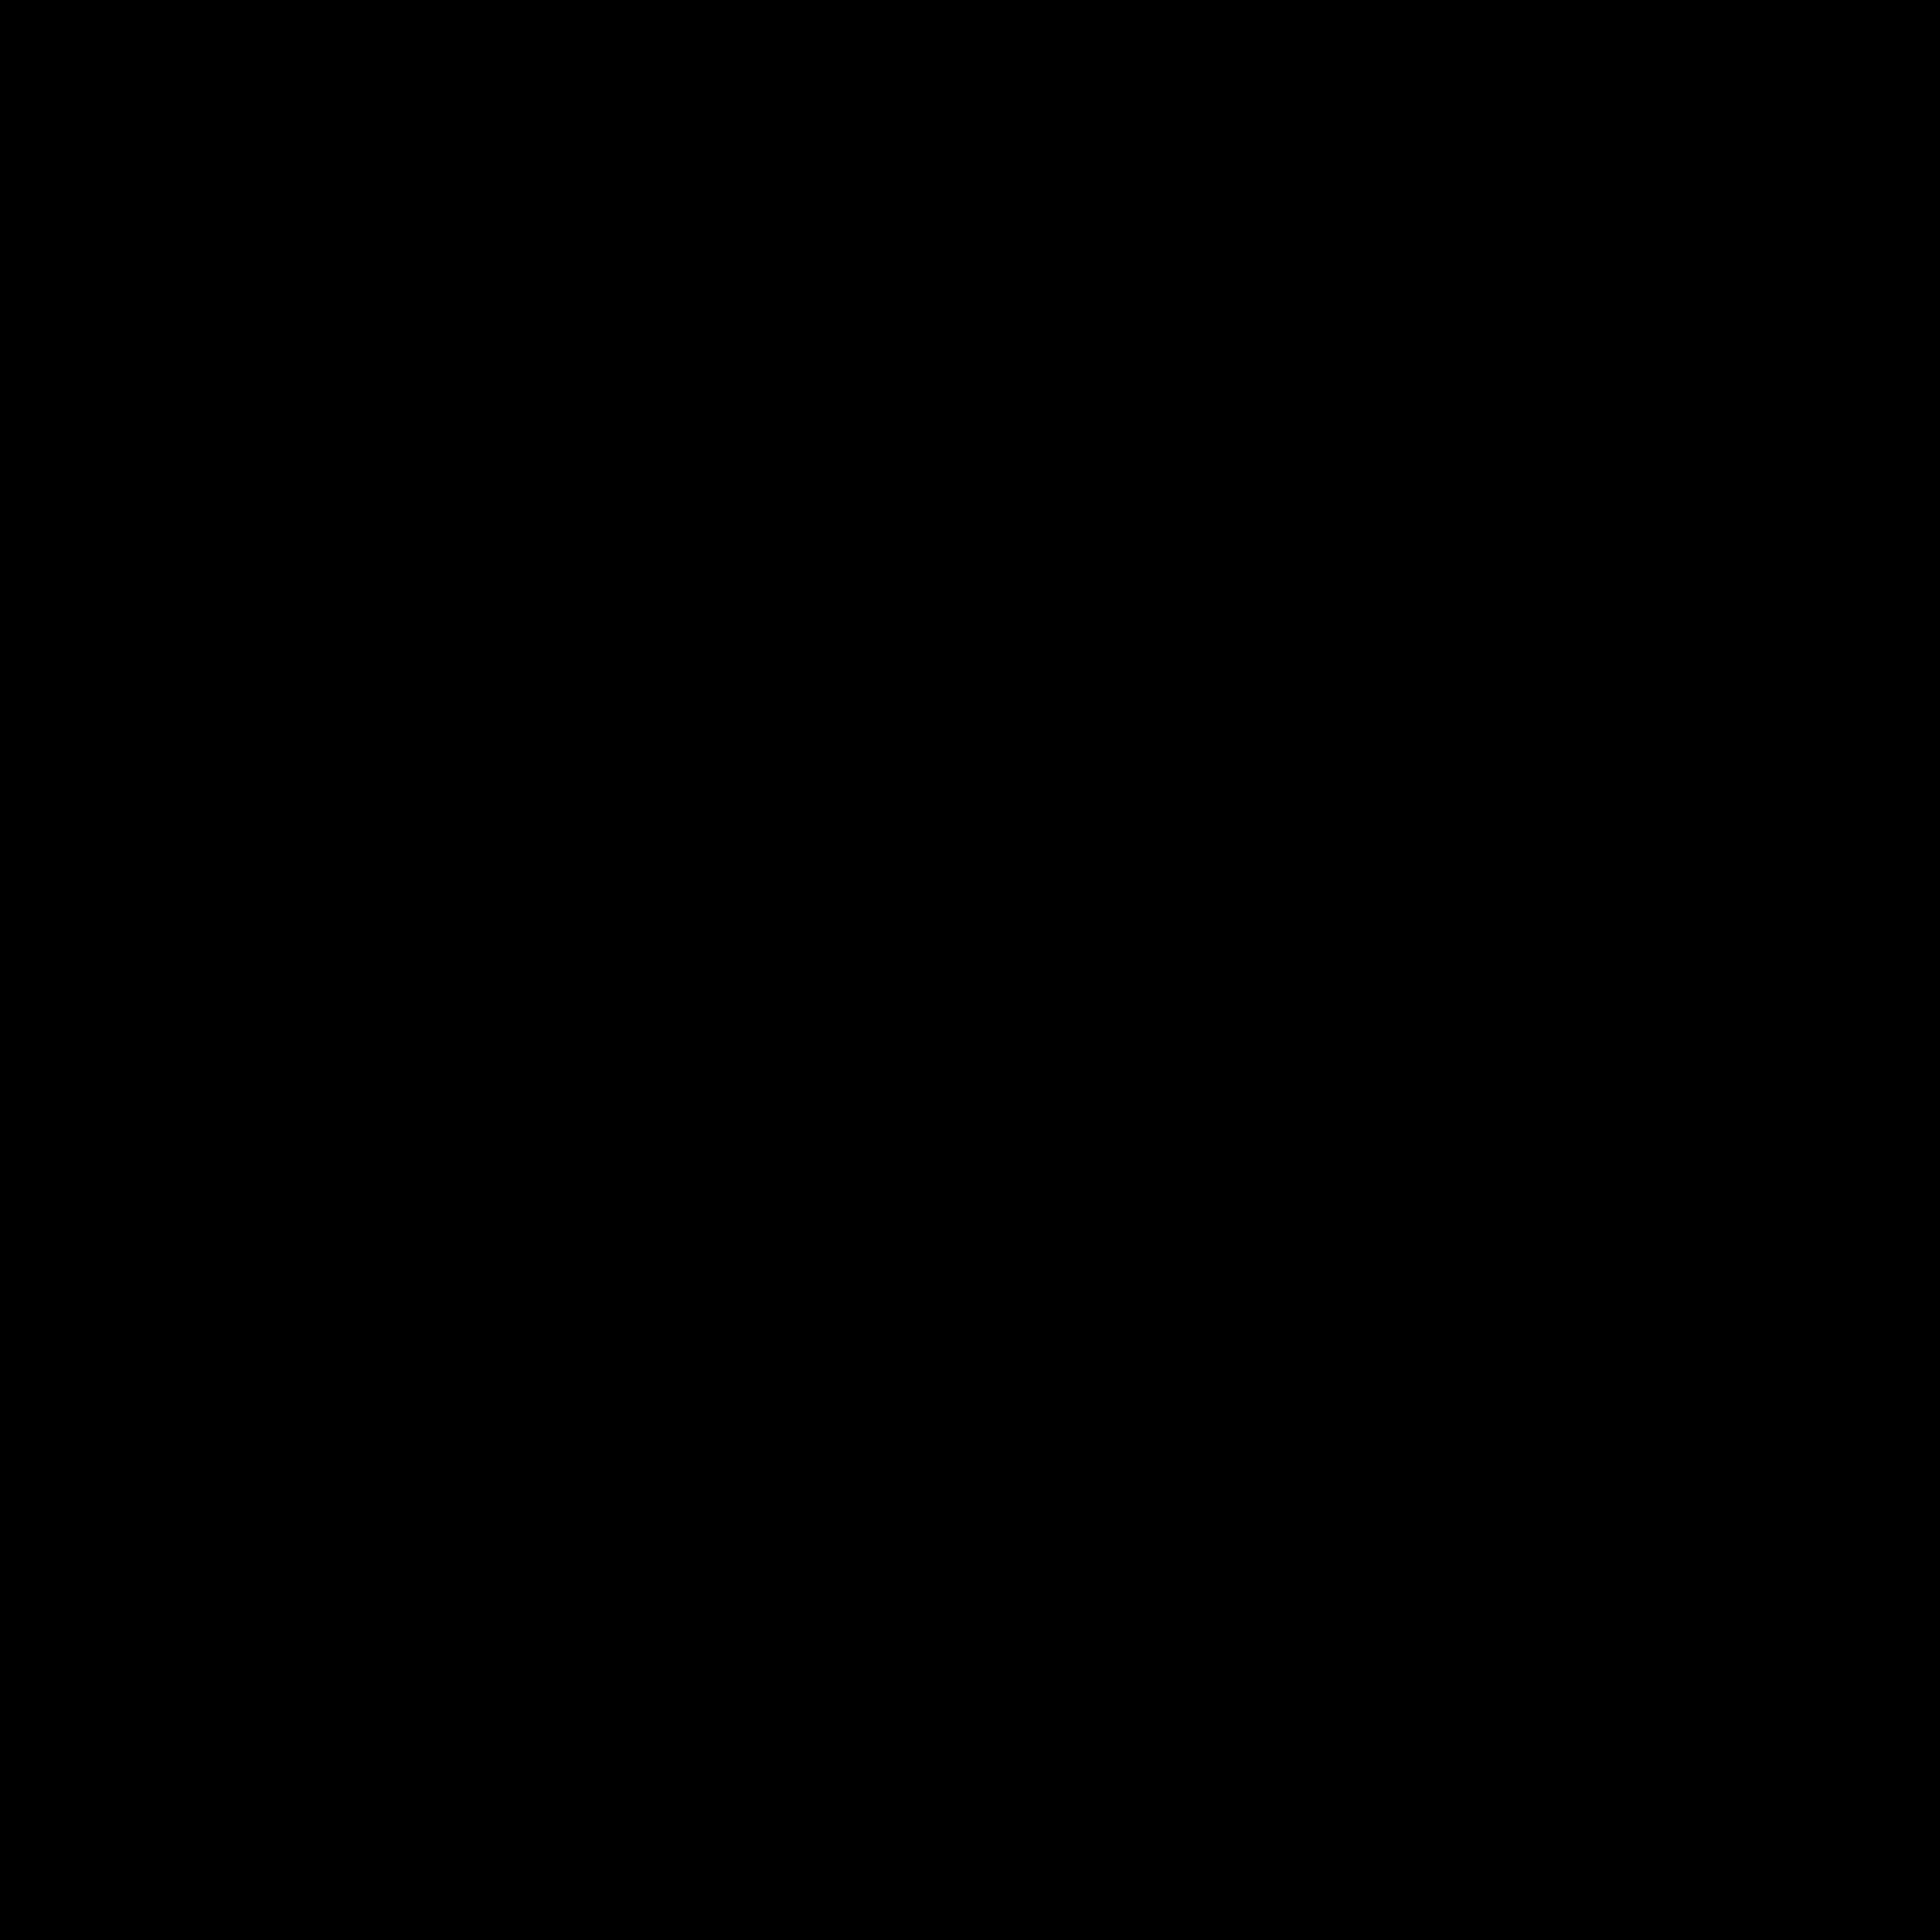 gm-1-logo-png-transparent.png